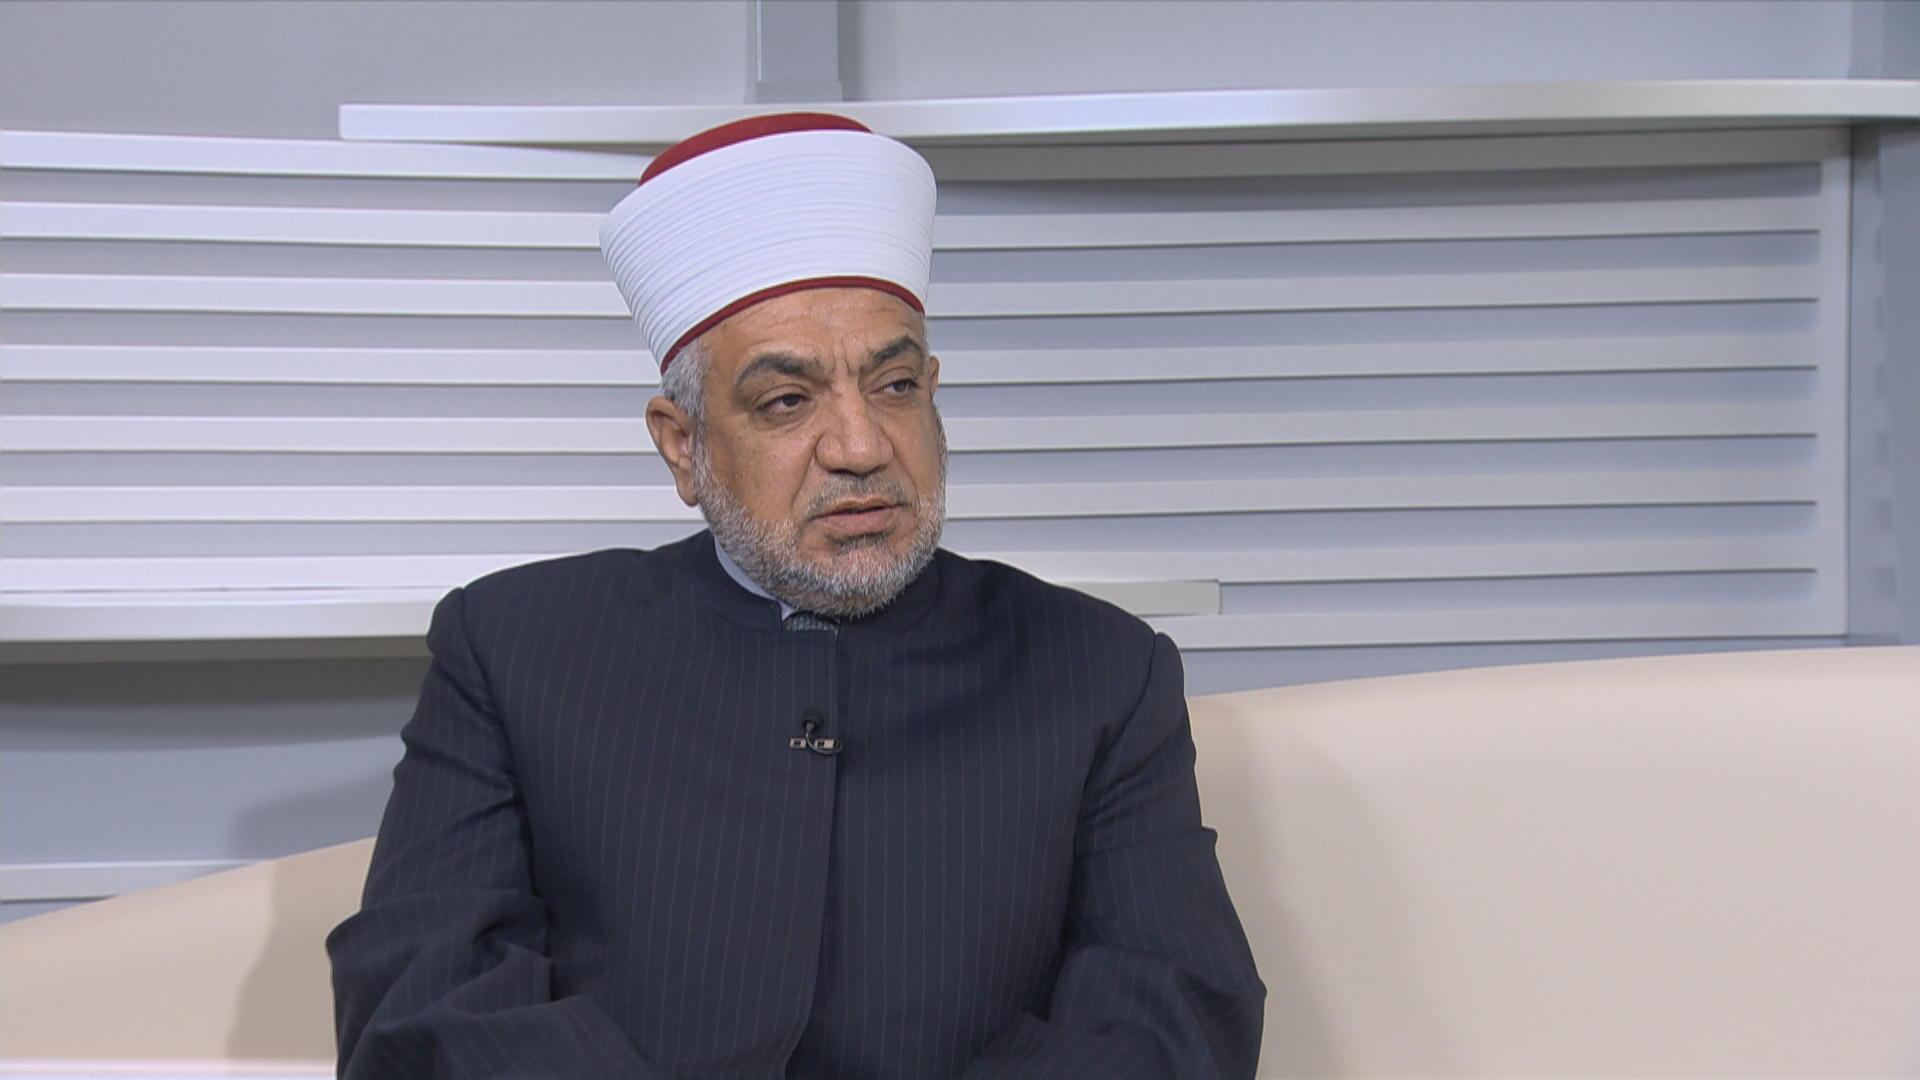 """وزير الأوقاف الأردني يرد على منتقدي خطبة الجمعة: """"يحملون الفكر الداعشي"""""""